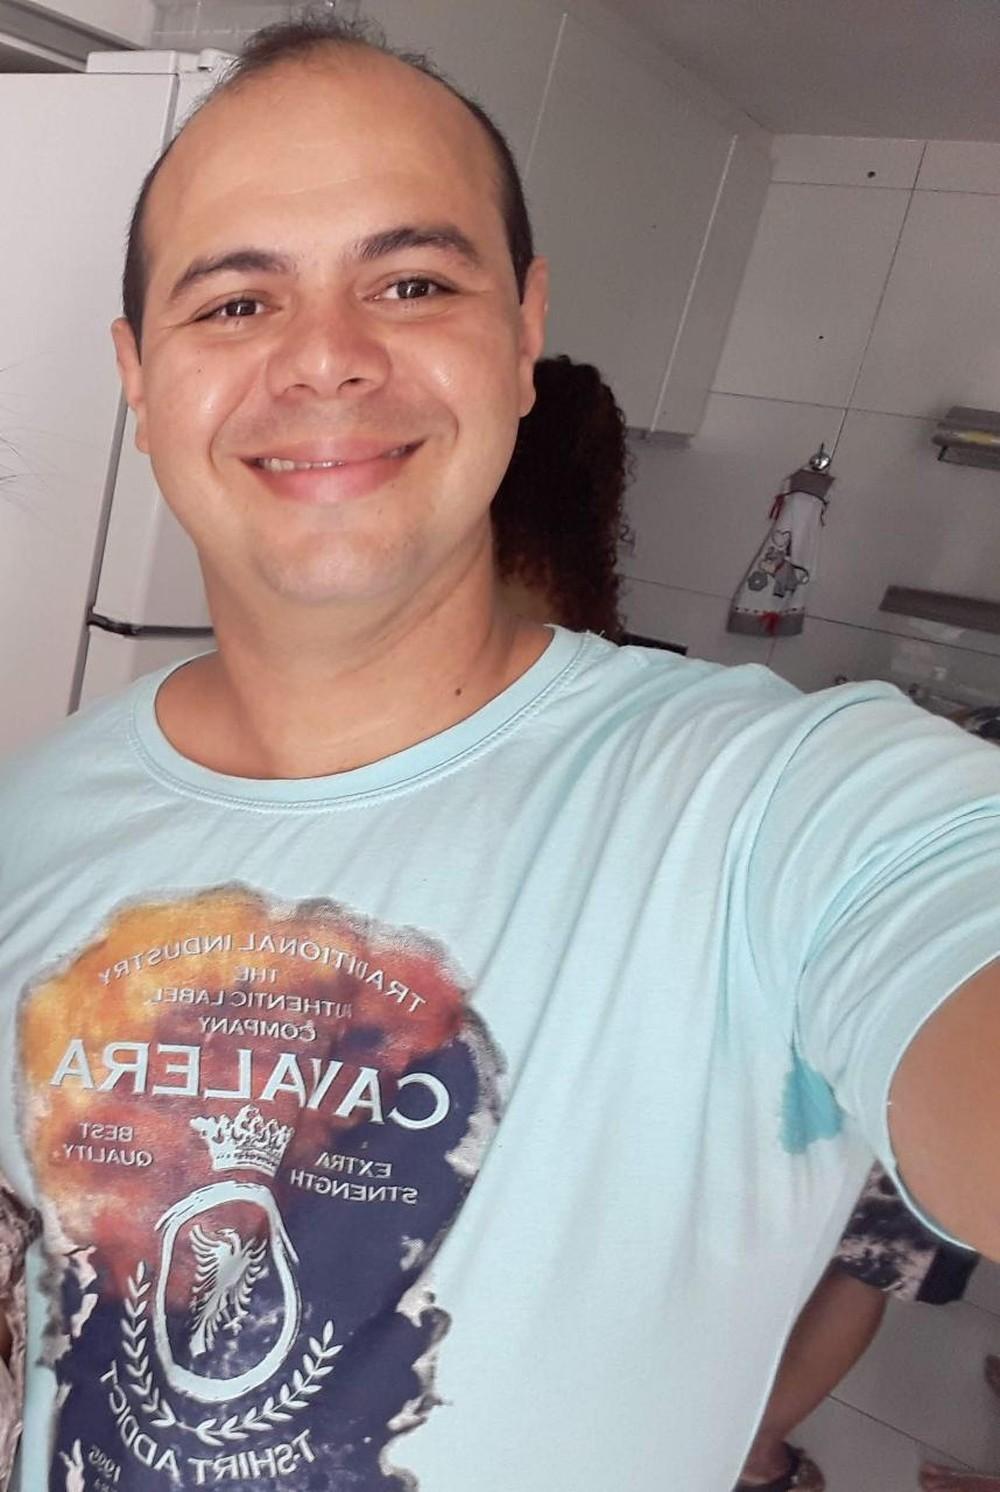 Radiologista Rudson Vieira Batista